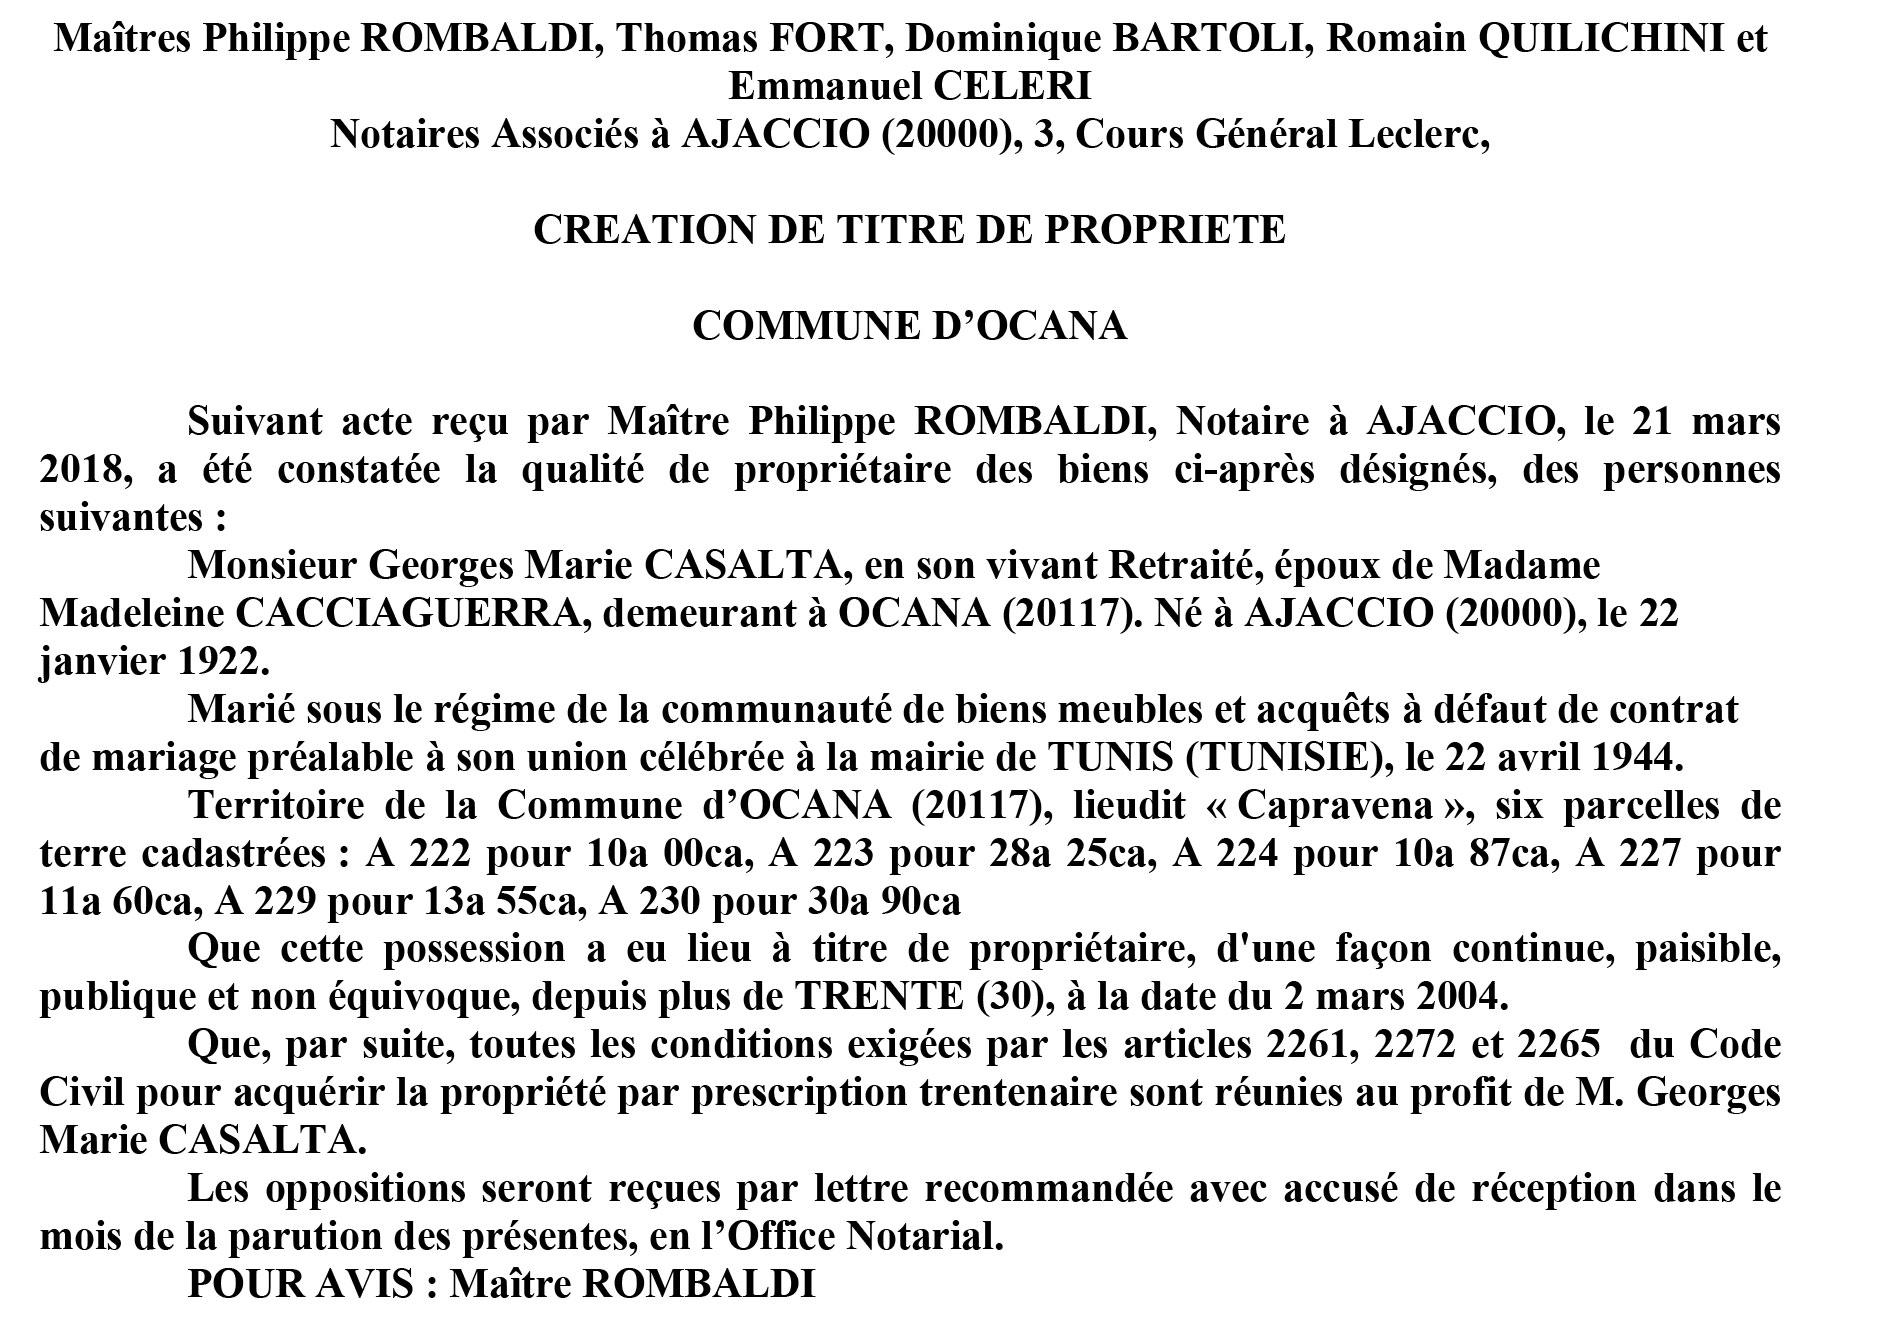 Avis de création de titre de propriété - commune d'Ocana (Corse du Sud)